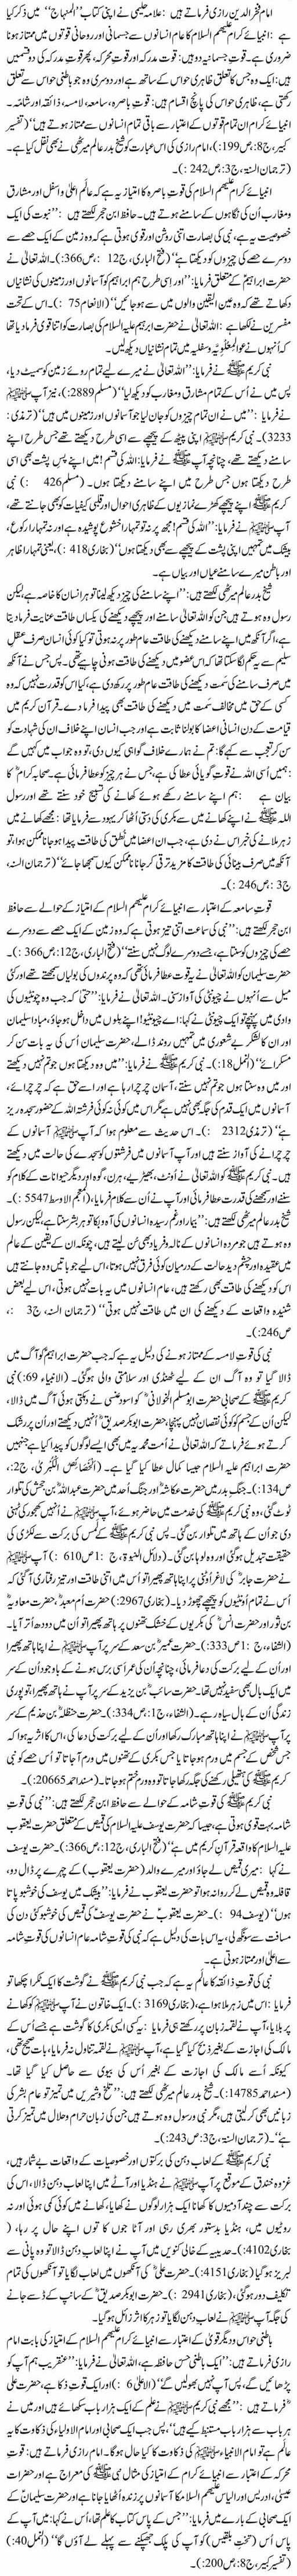 Khasais-e-Nabuwat